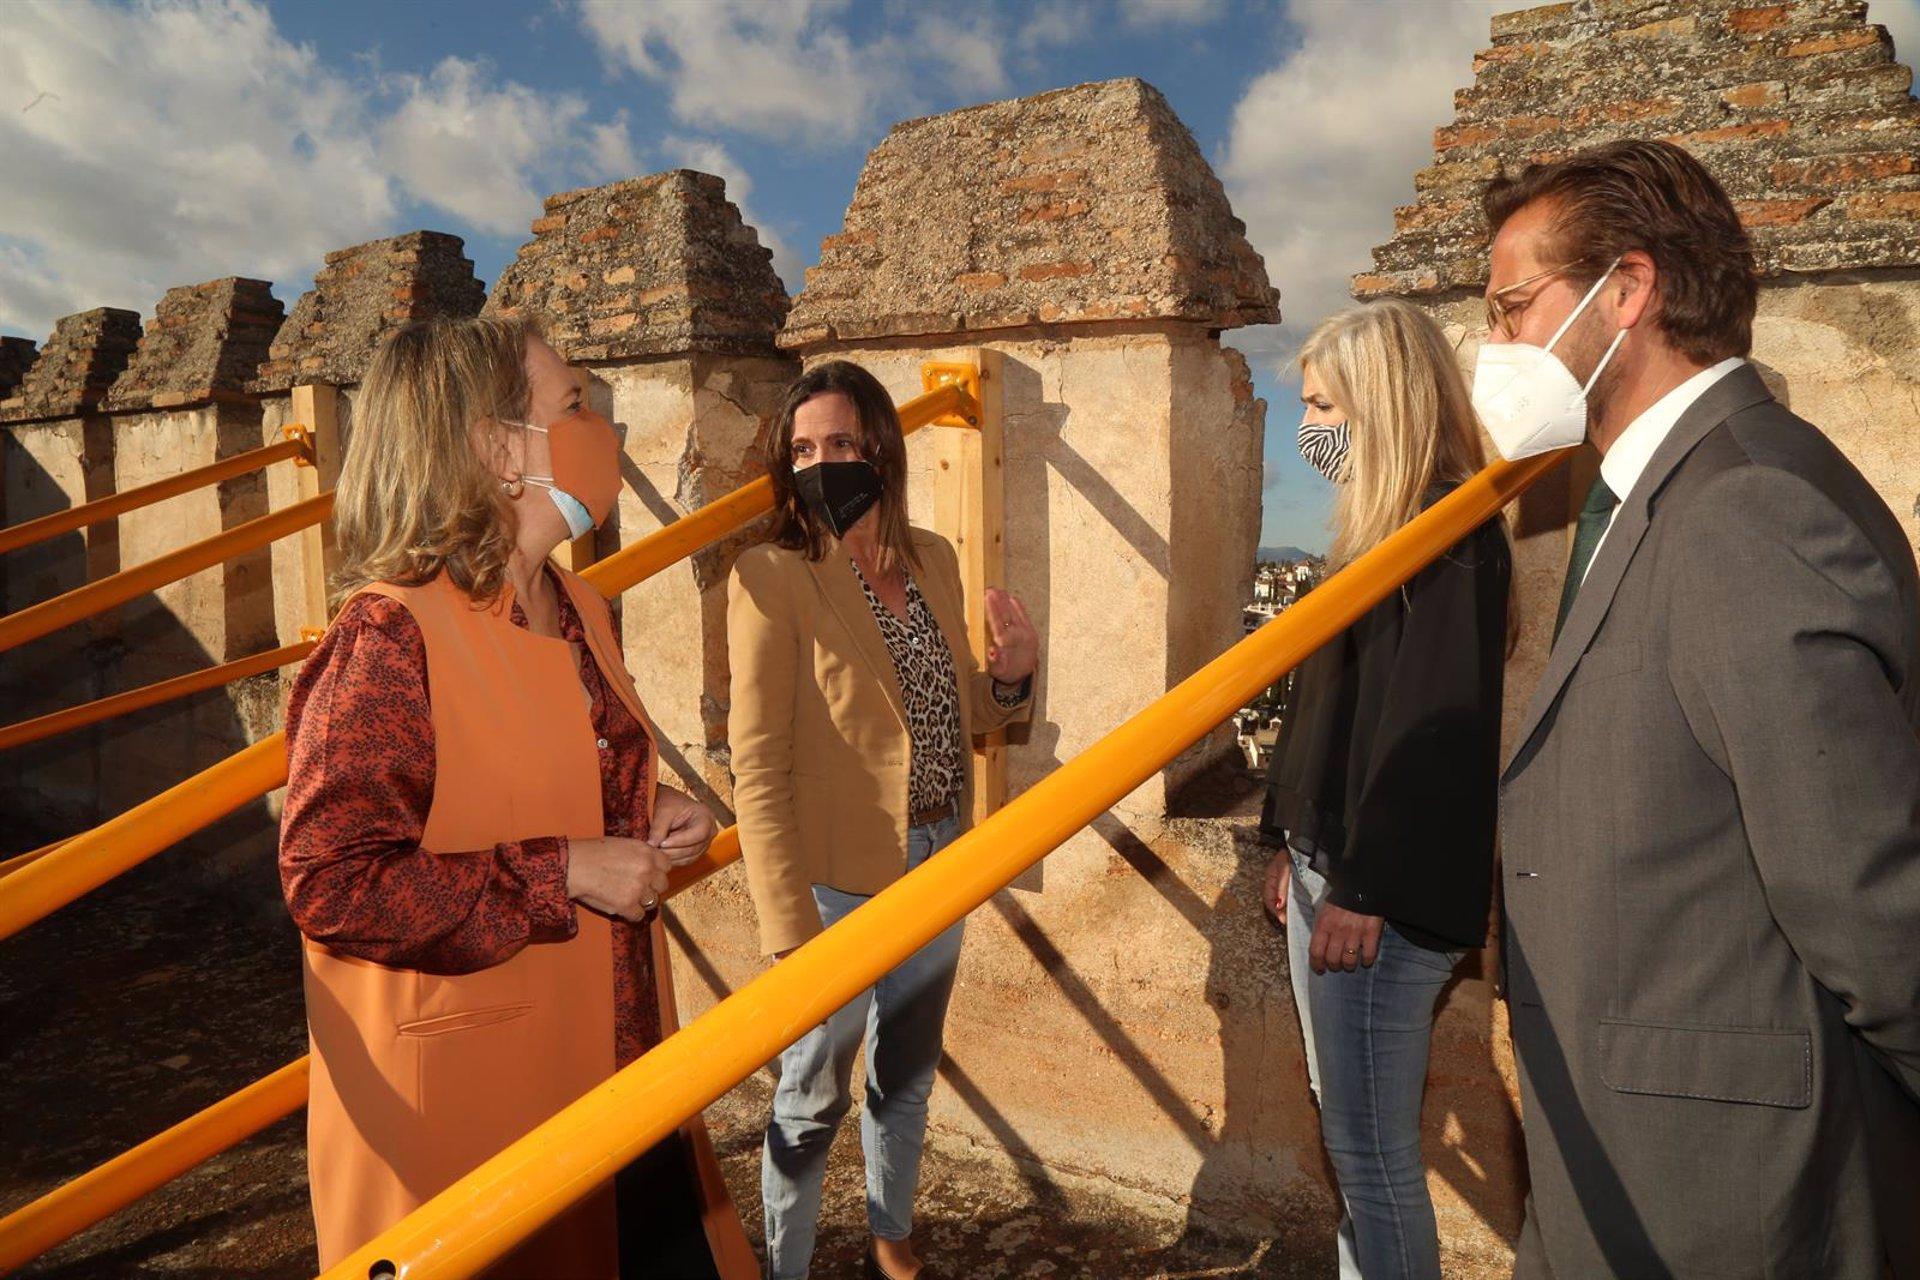 La Consejera de Cultura revisa el estado de la Torre de las Gallinas de la Alhambra tras los terremotos